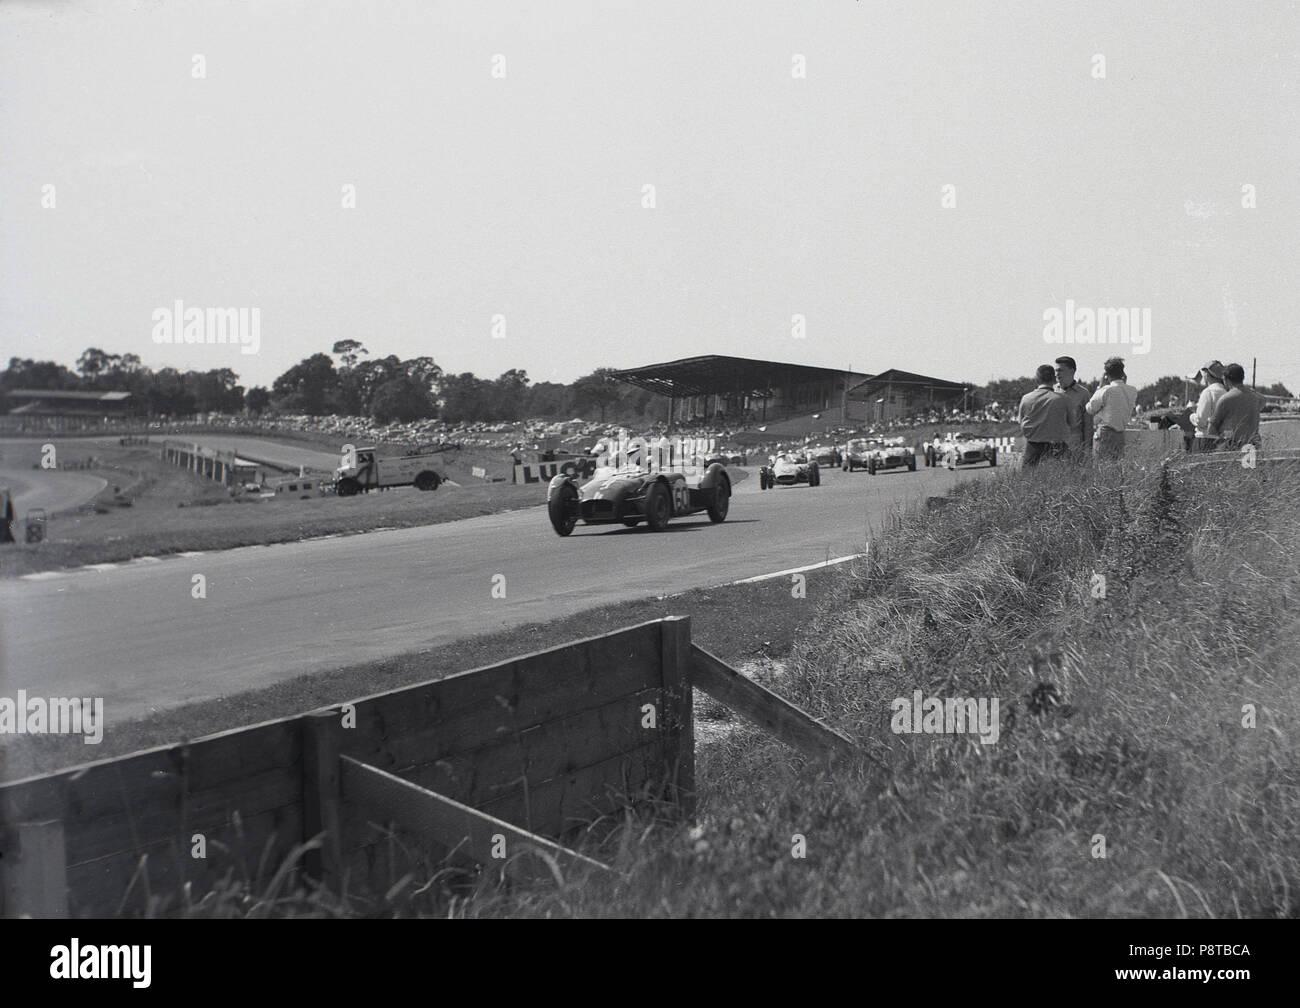 Années 1950, sport automobile, monoplace ouvrir roues Voitures de course hors compétition sur une piste de course avec les spectateurs près de l'action, England, UK. Photo Stock